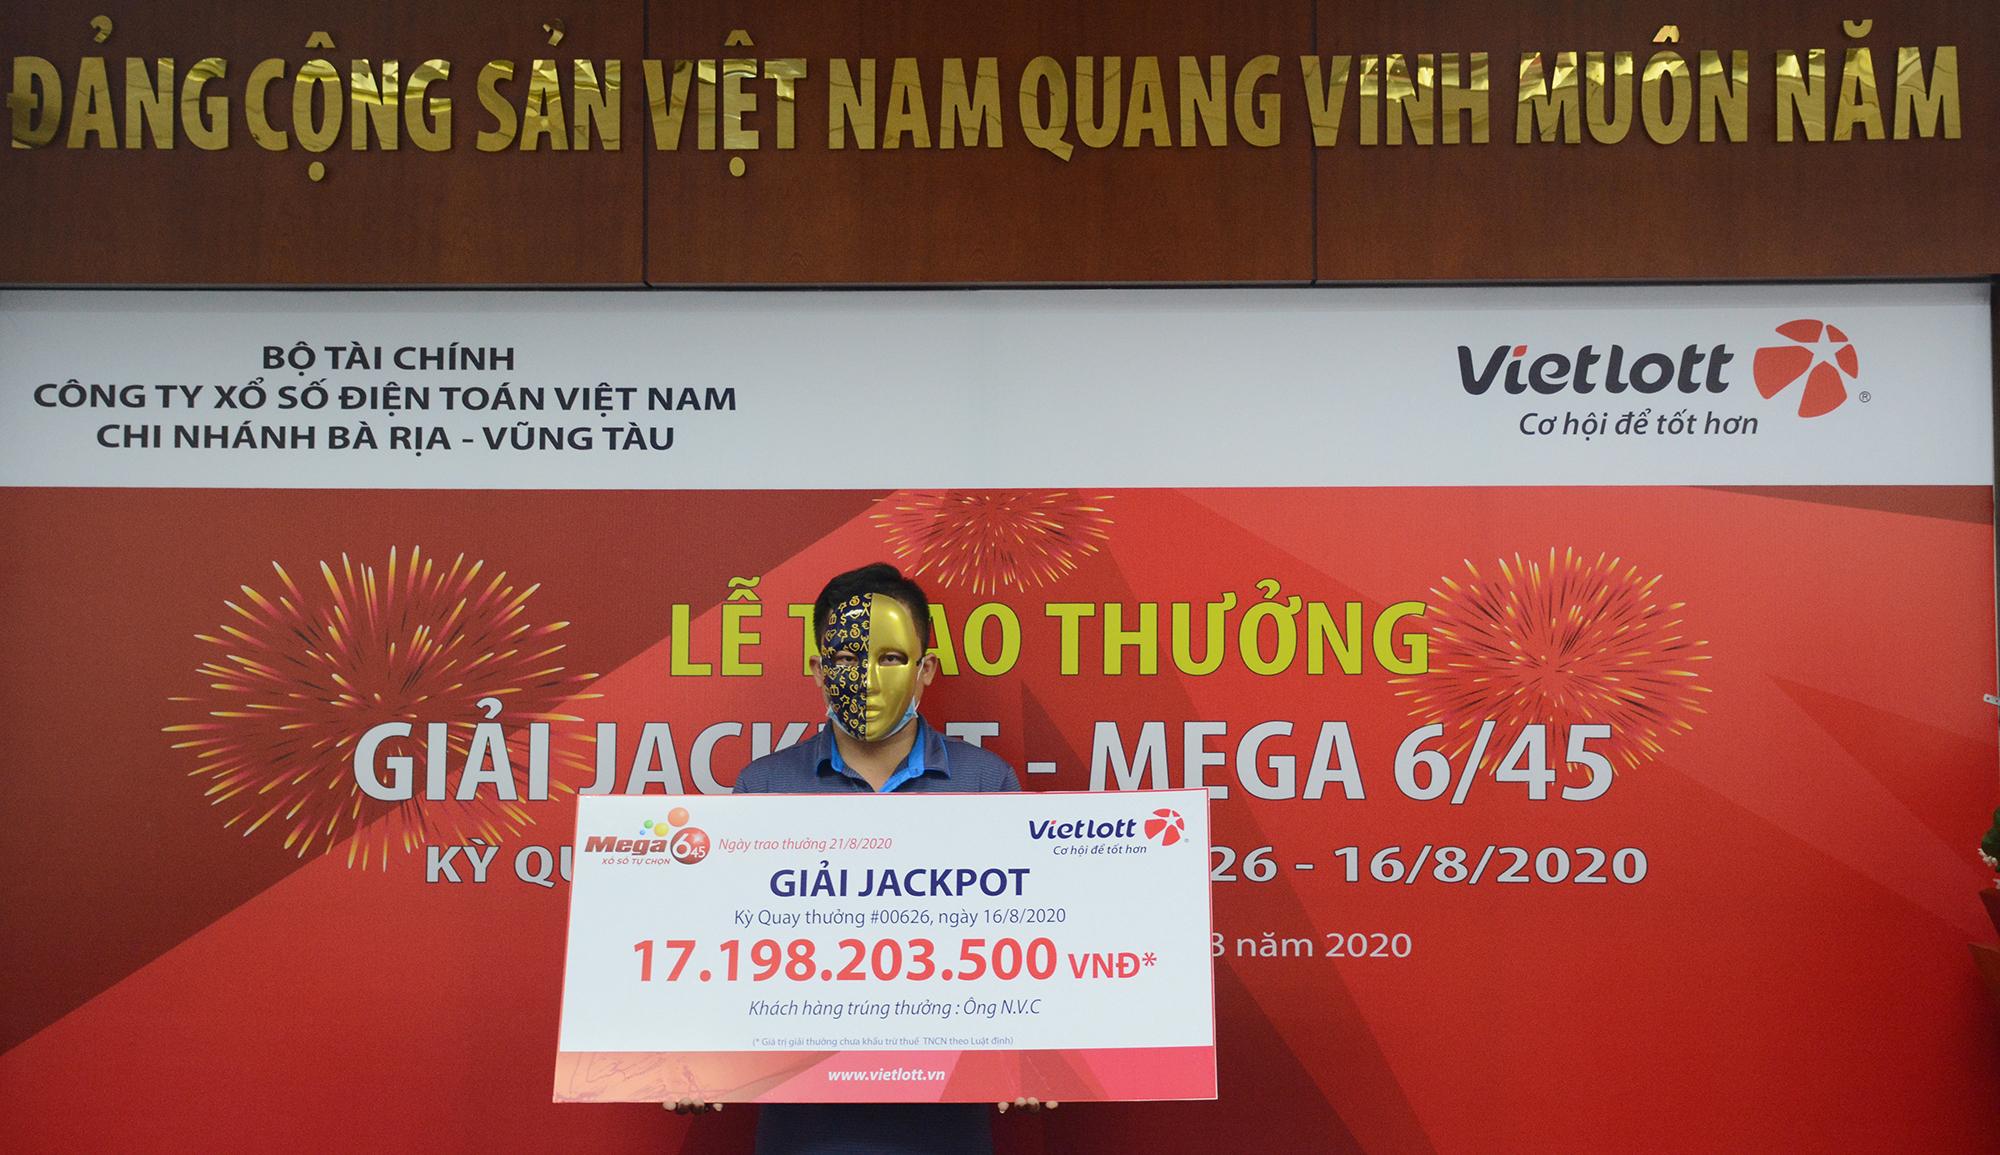 Vietlott trao Jackpot hơn 17 tỷ đồng cho người chơi tại Vũng Tàu